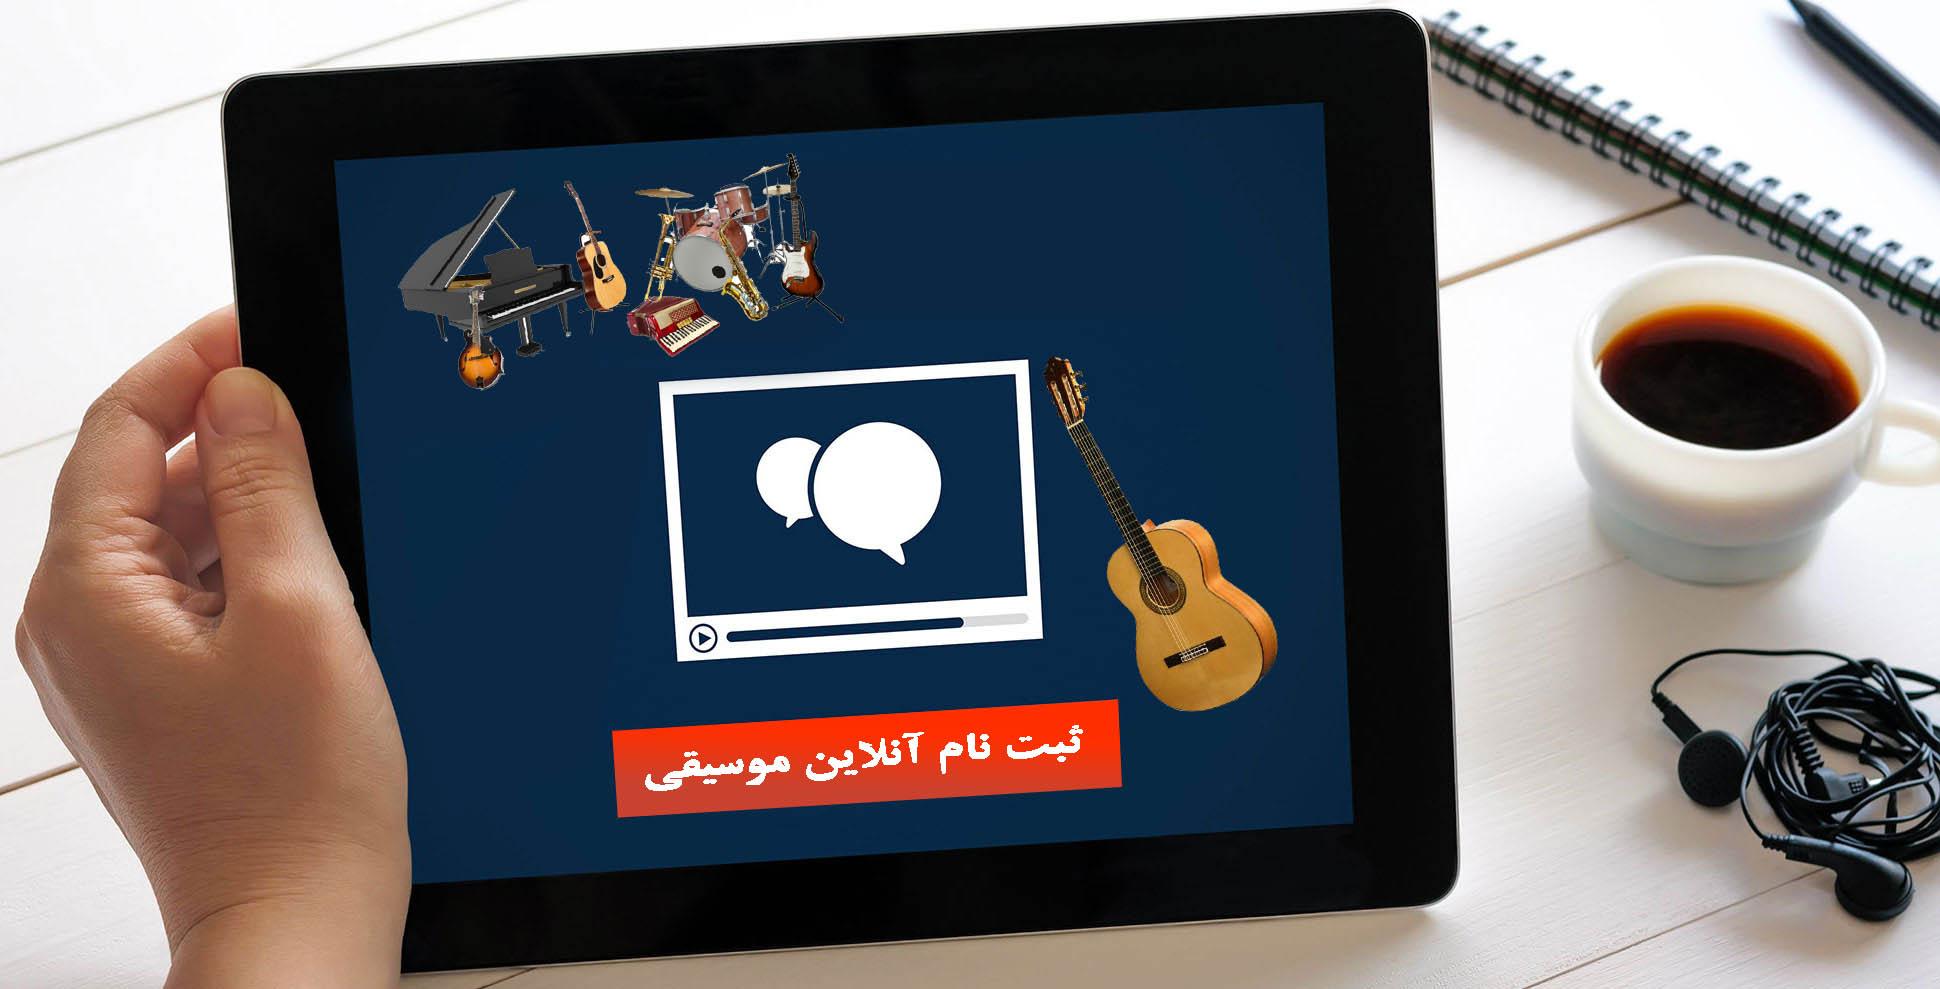 ثبت نام آنلاین موسیقی جنوب غرب تهران